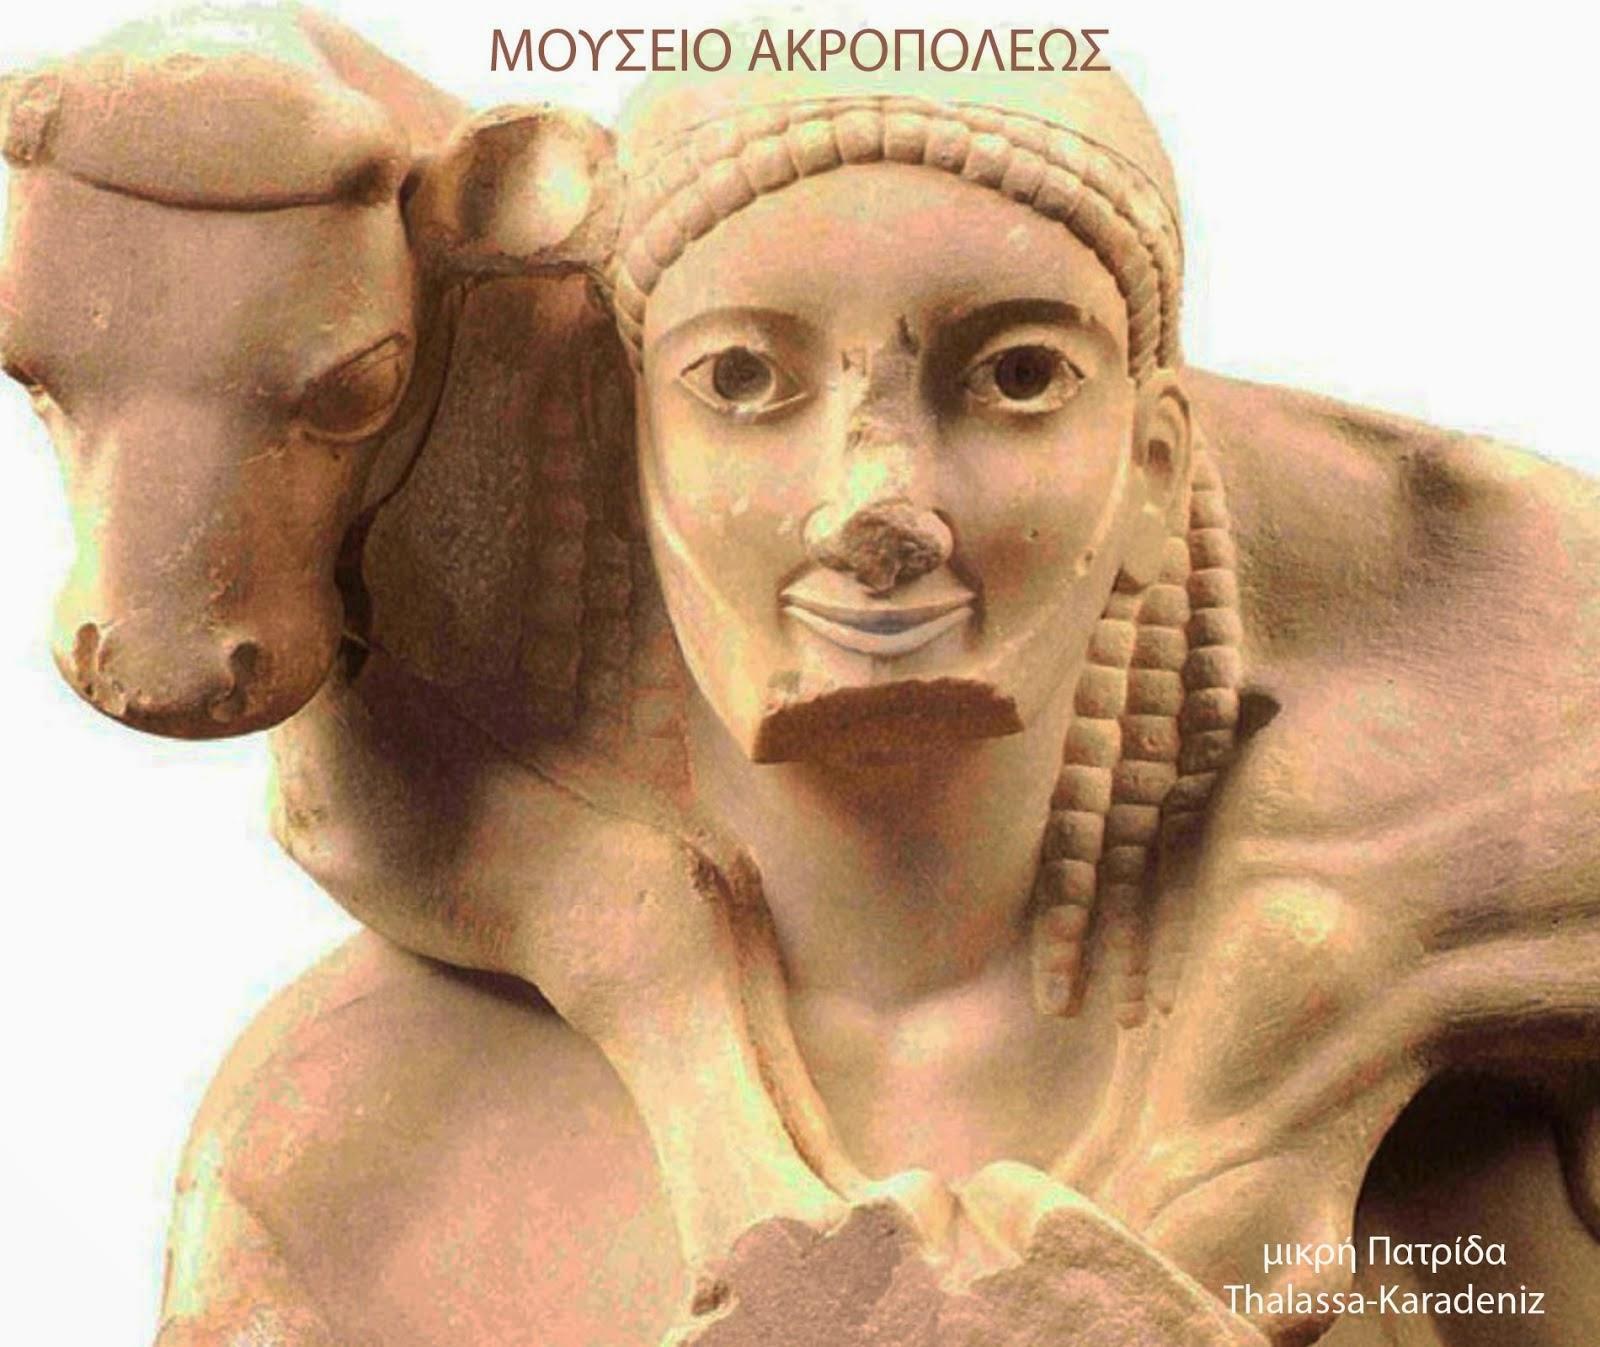 ΜΟΥΣΕΙΟ ΑΚΡΟΠΟΛΕΩΣ